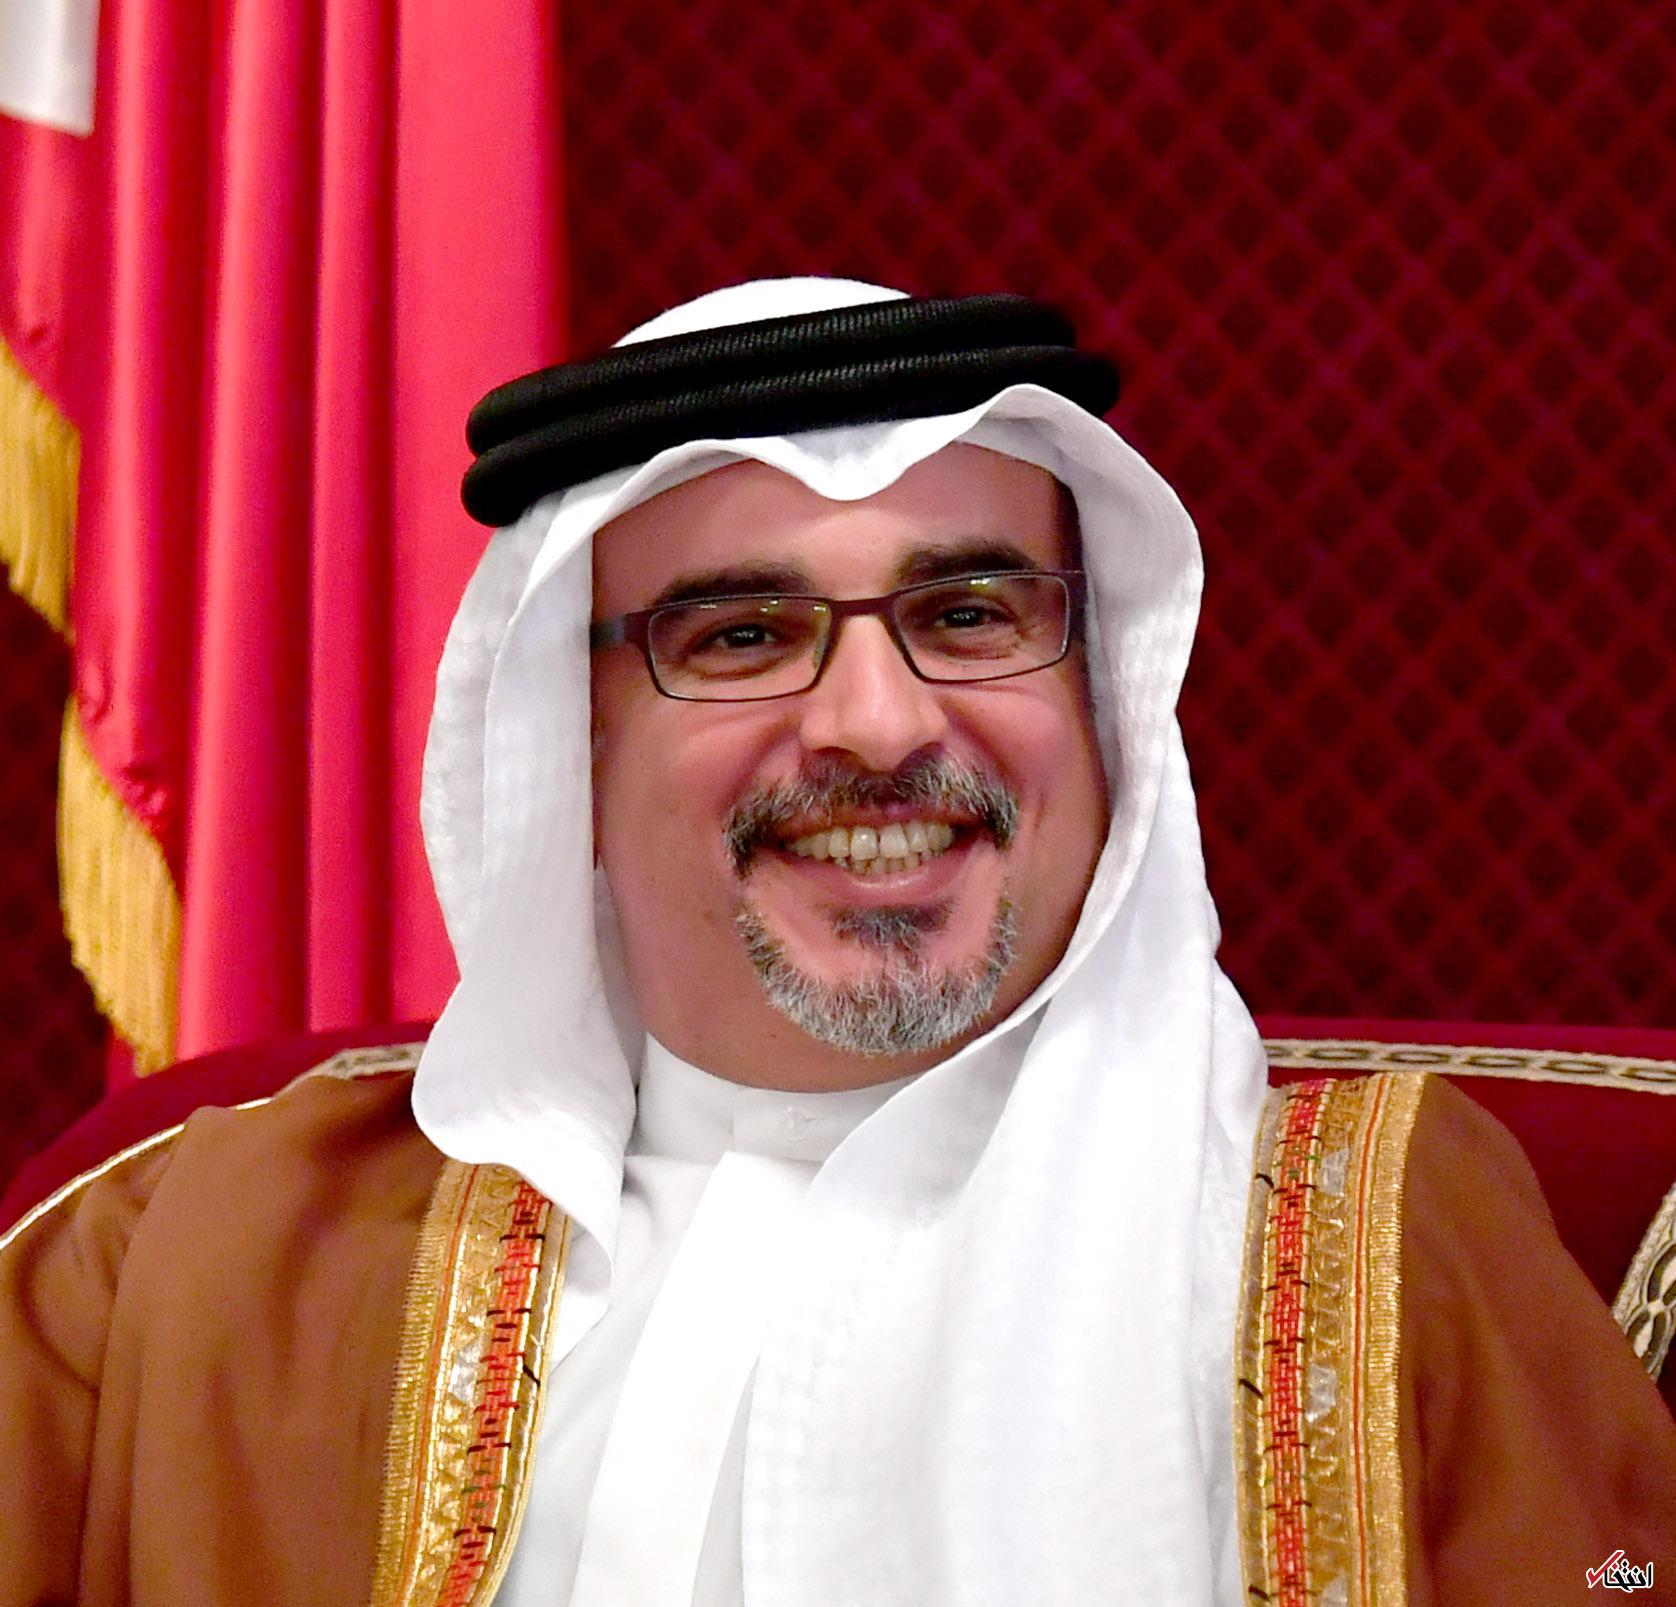 پادشاه بحرین پسرش را ولیعهد كرد